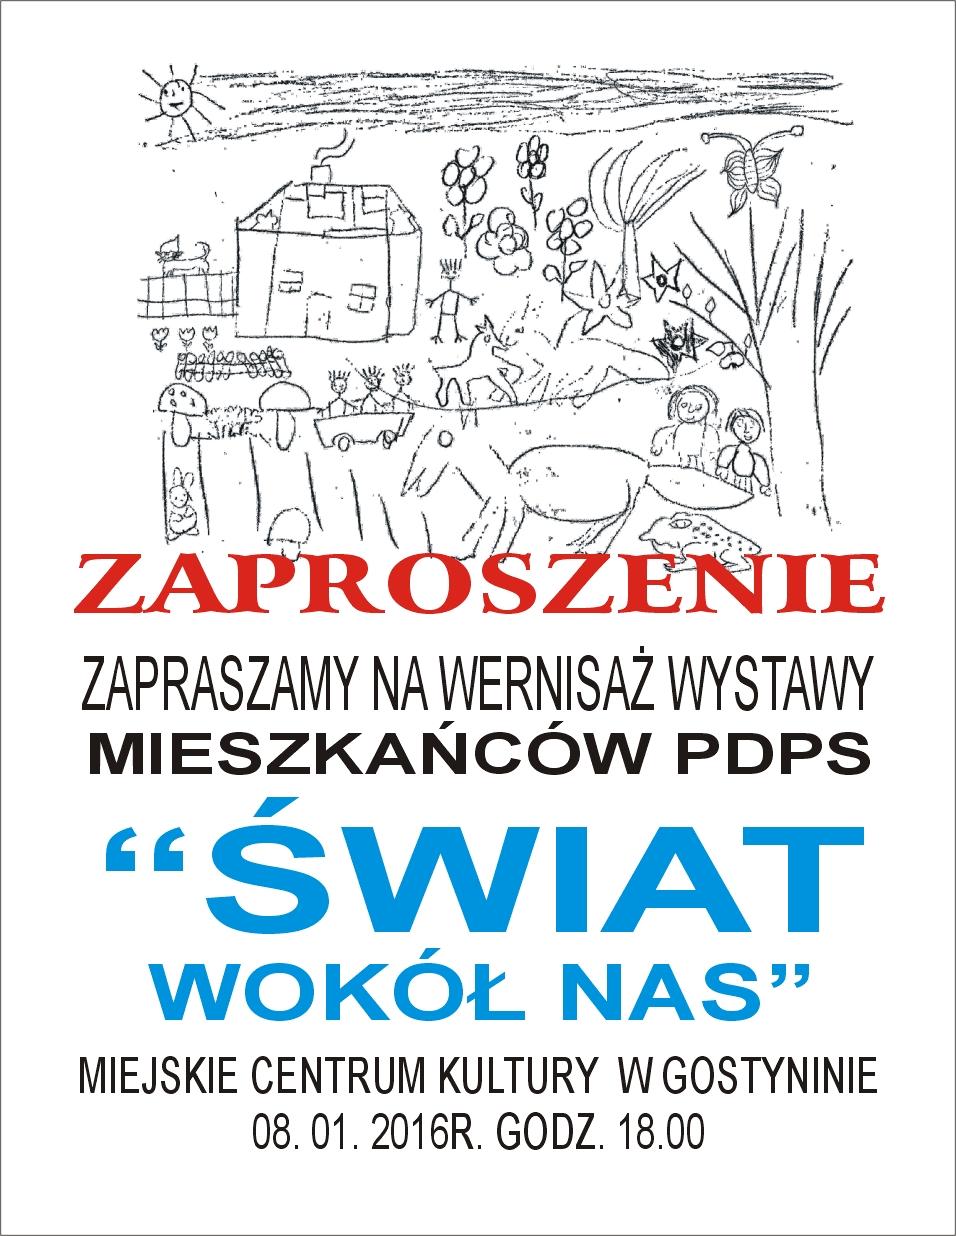 Zaproszenie na wernisaż wystawy